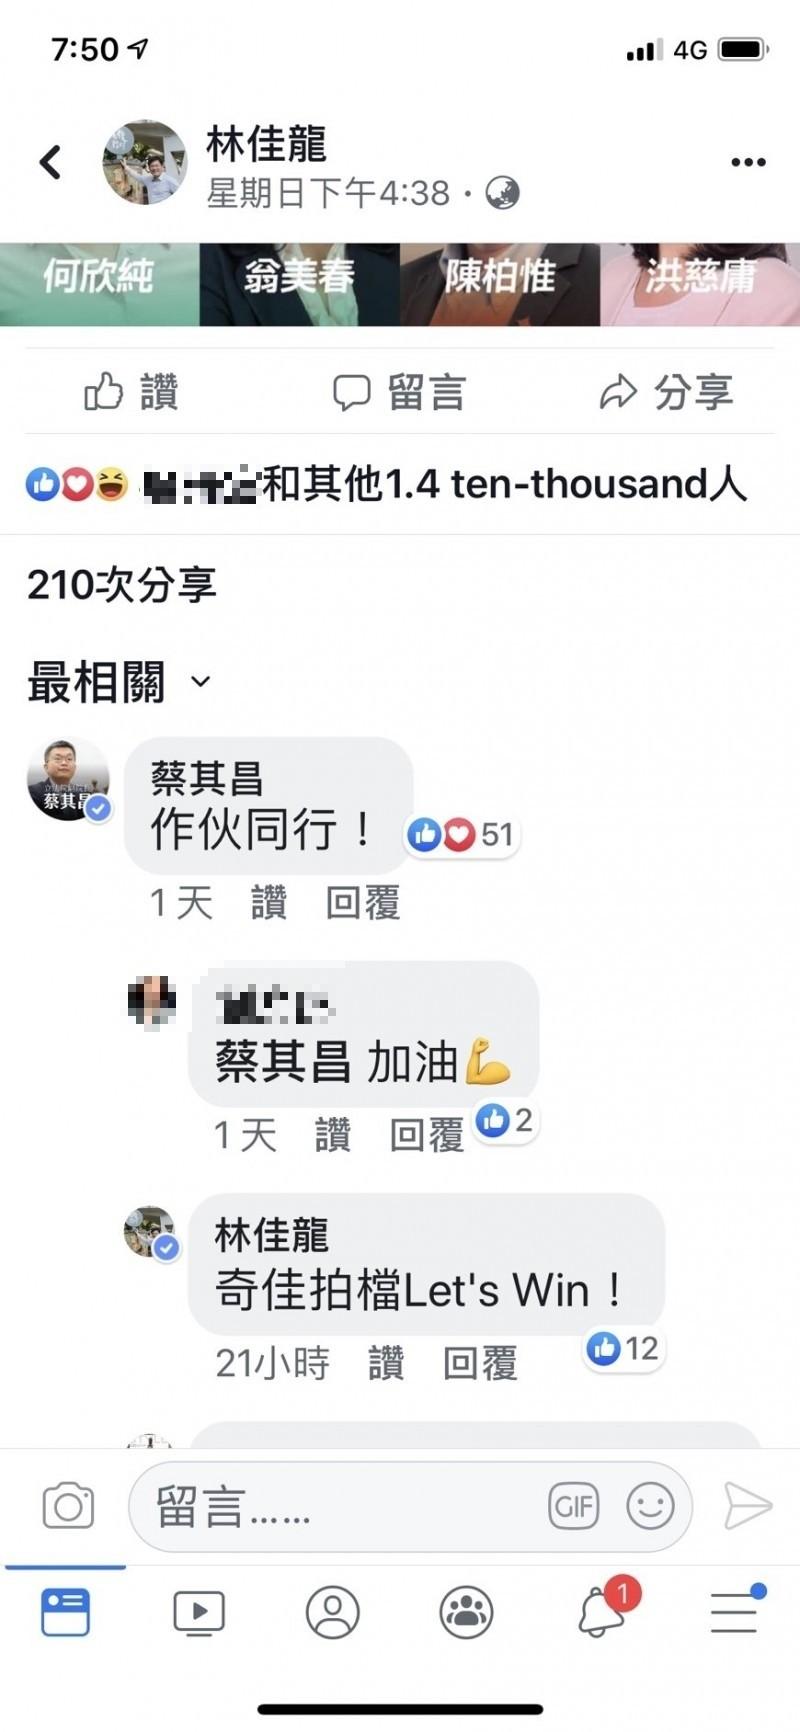 蔡其昌去林佳龍臉書留言,林佳龍透露他們是奇佳拍檔。(取自林佳龍臉書)